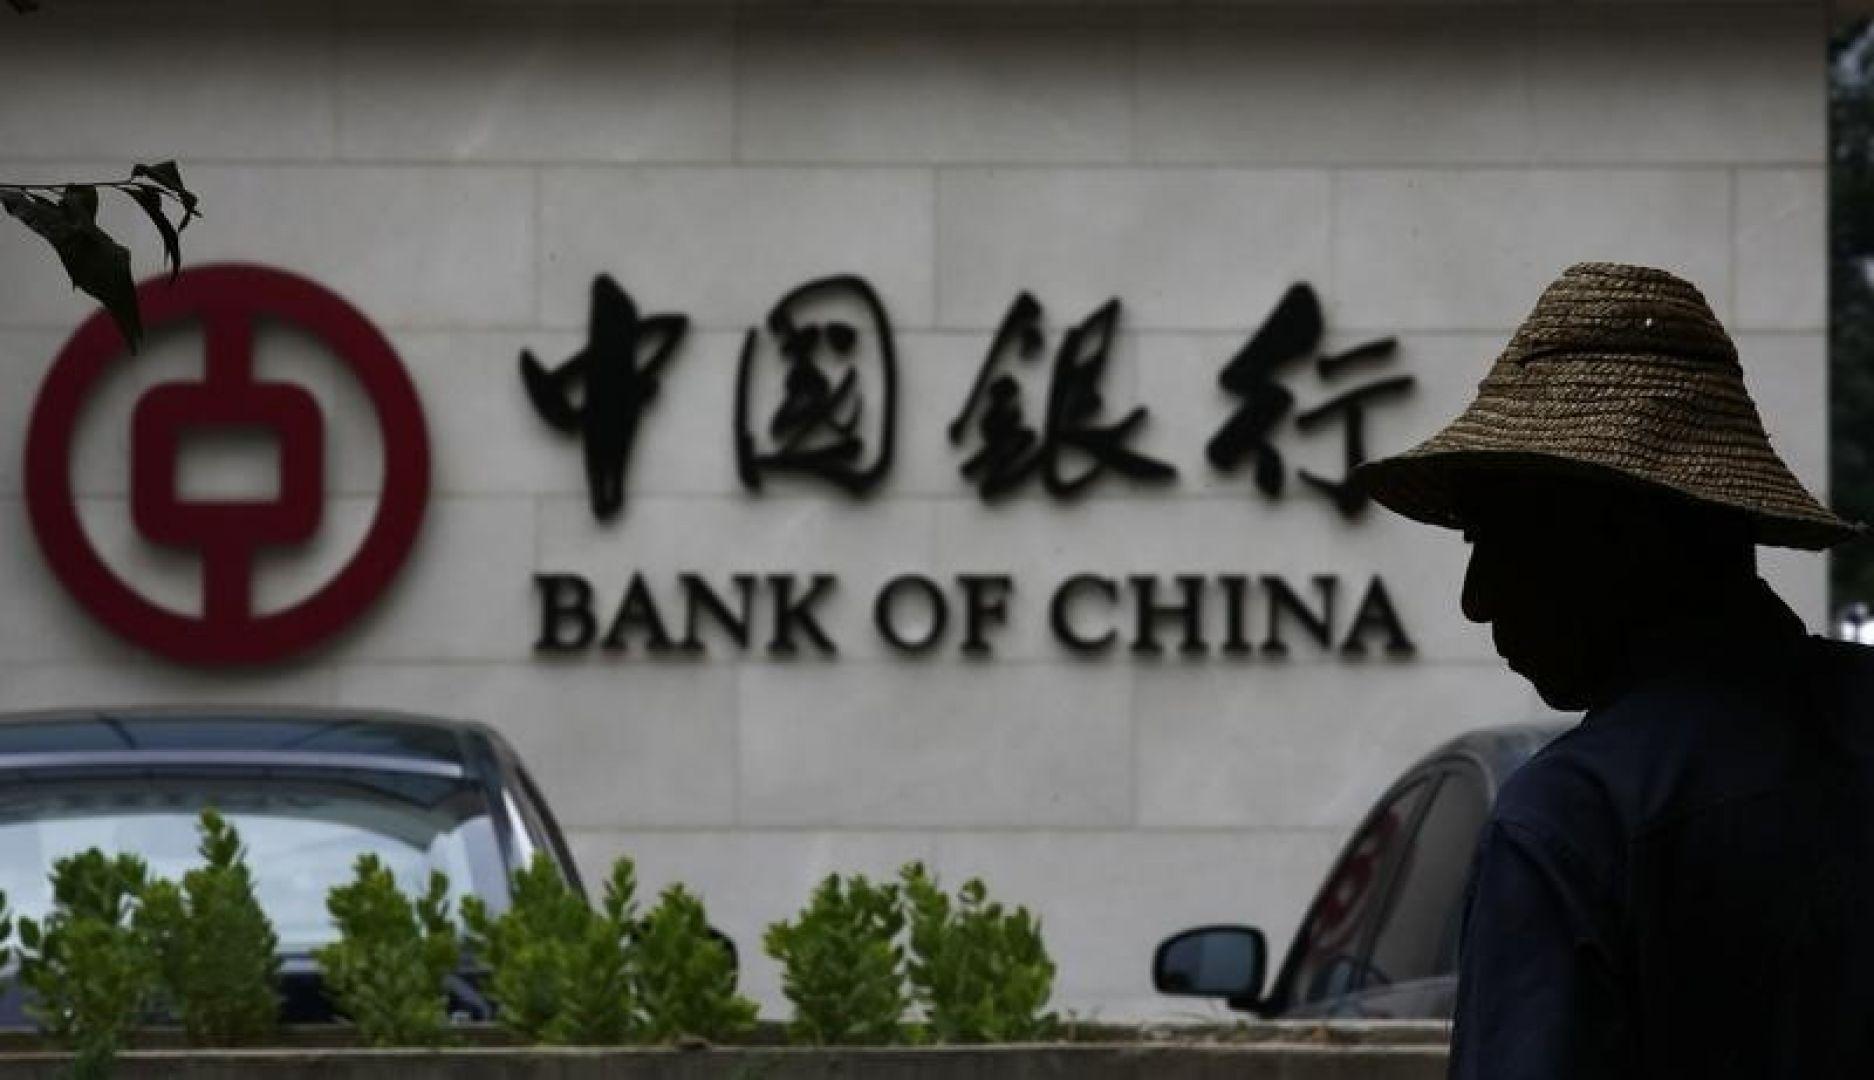 اقدام بی سابقه کشور چین در مسدود کردن حساب های بانکی ایرانیان